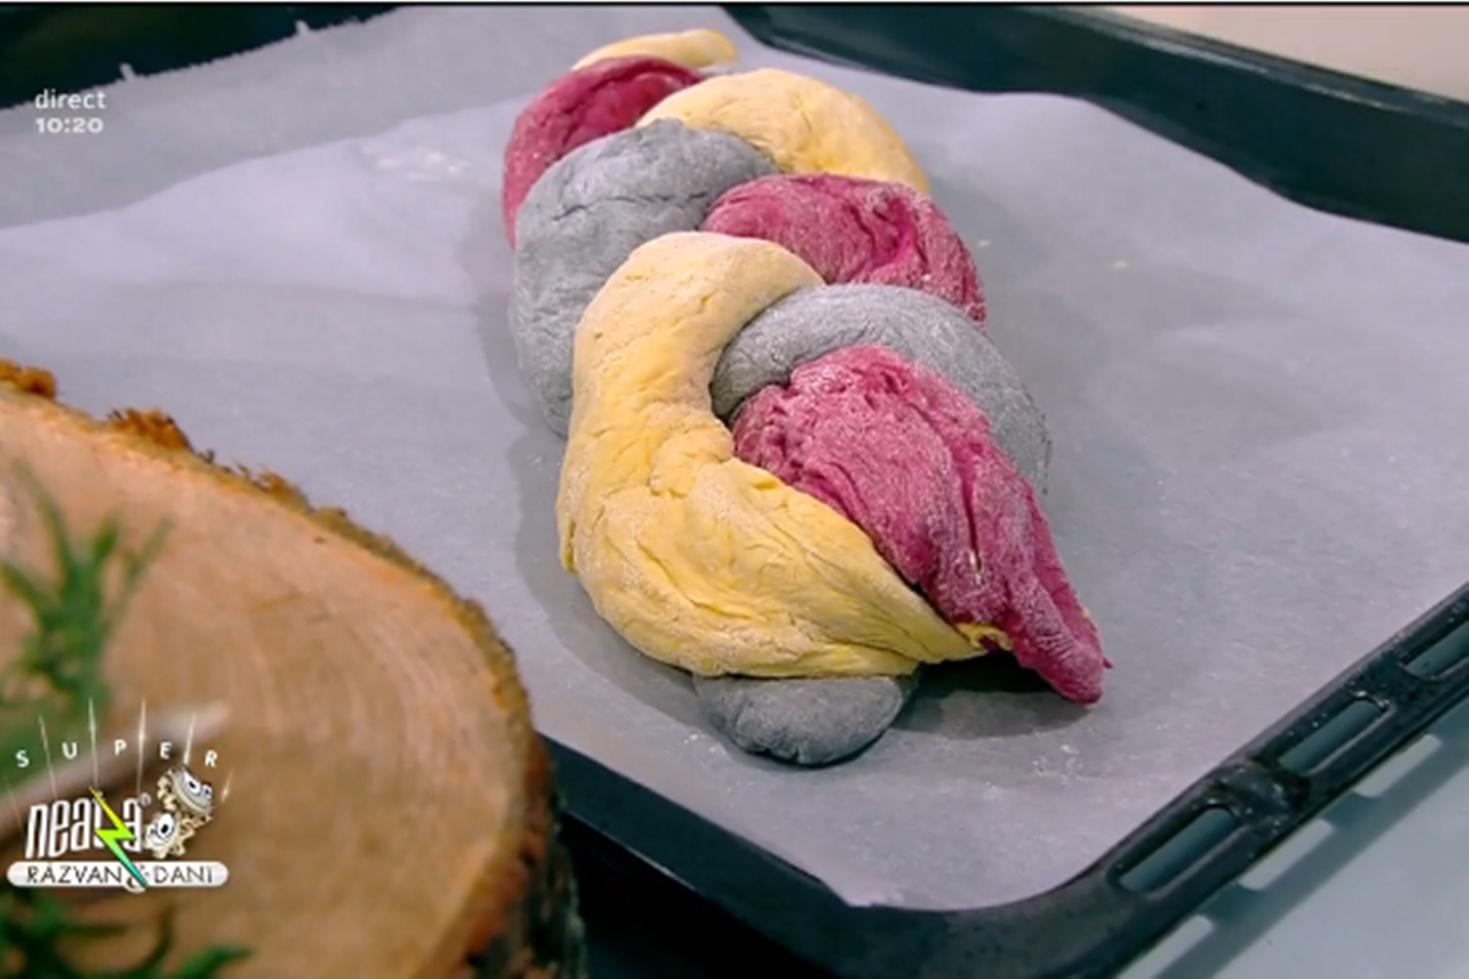 Rețetă de pâine tricoloră cu mousse de avocado, gătită de Vlăduț la Neatza cu Răzvan şi Dani